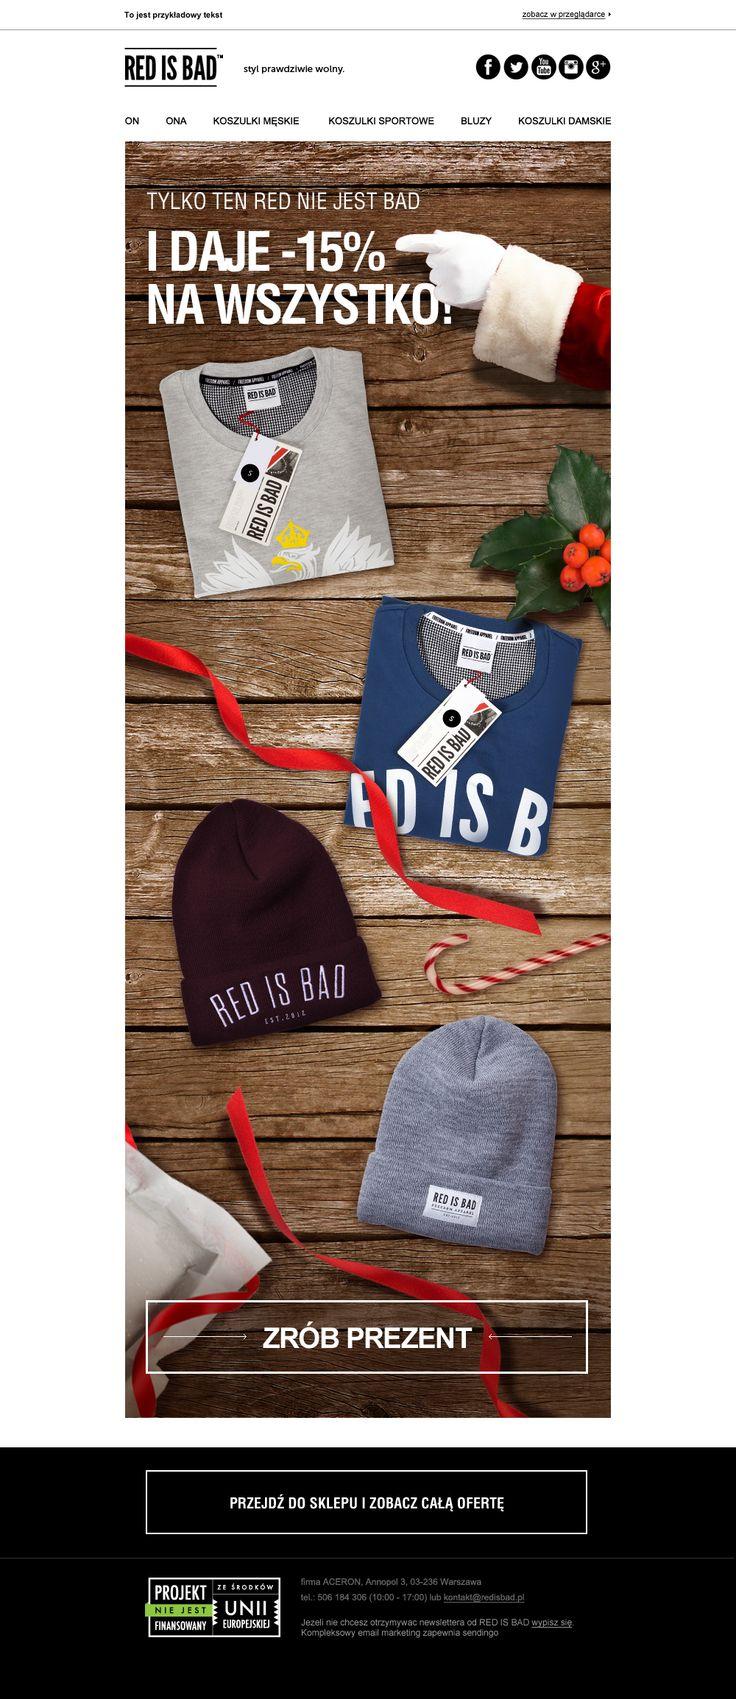 Zabawa słowna + kilka świątecznych motywów, w prosty sposób połączonych z produktami marki = zaskakujący efekt.   #newsletter #email #redisbad #template #design